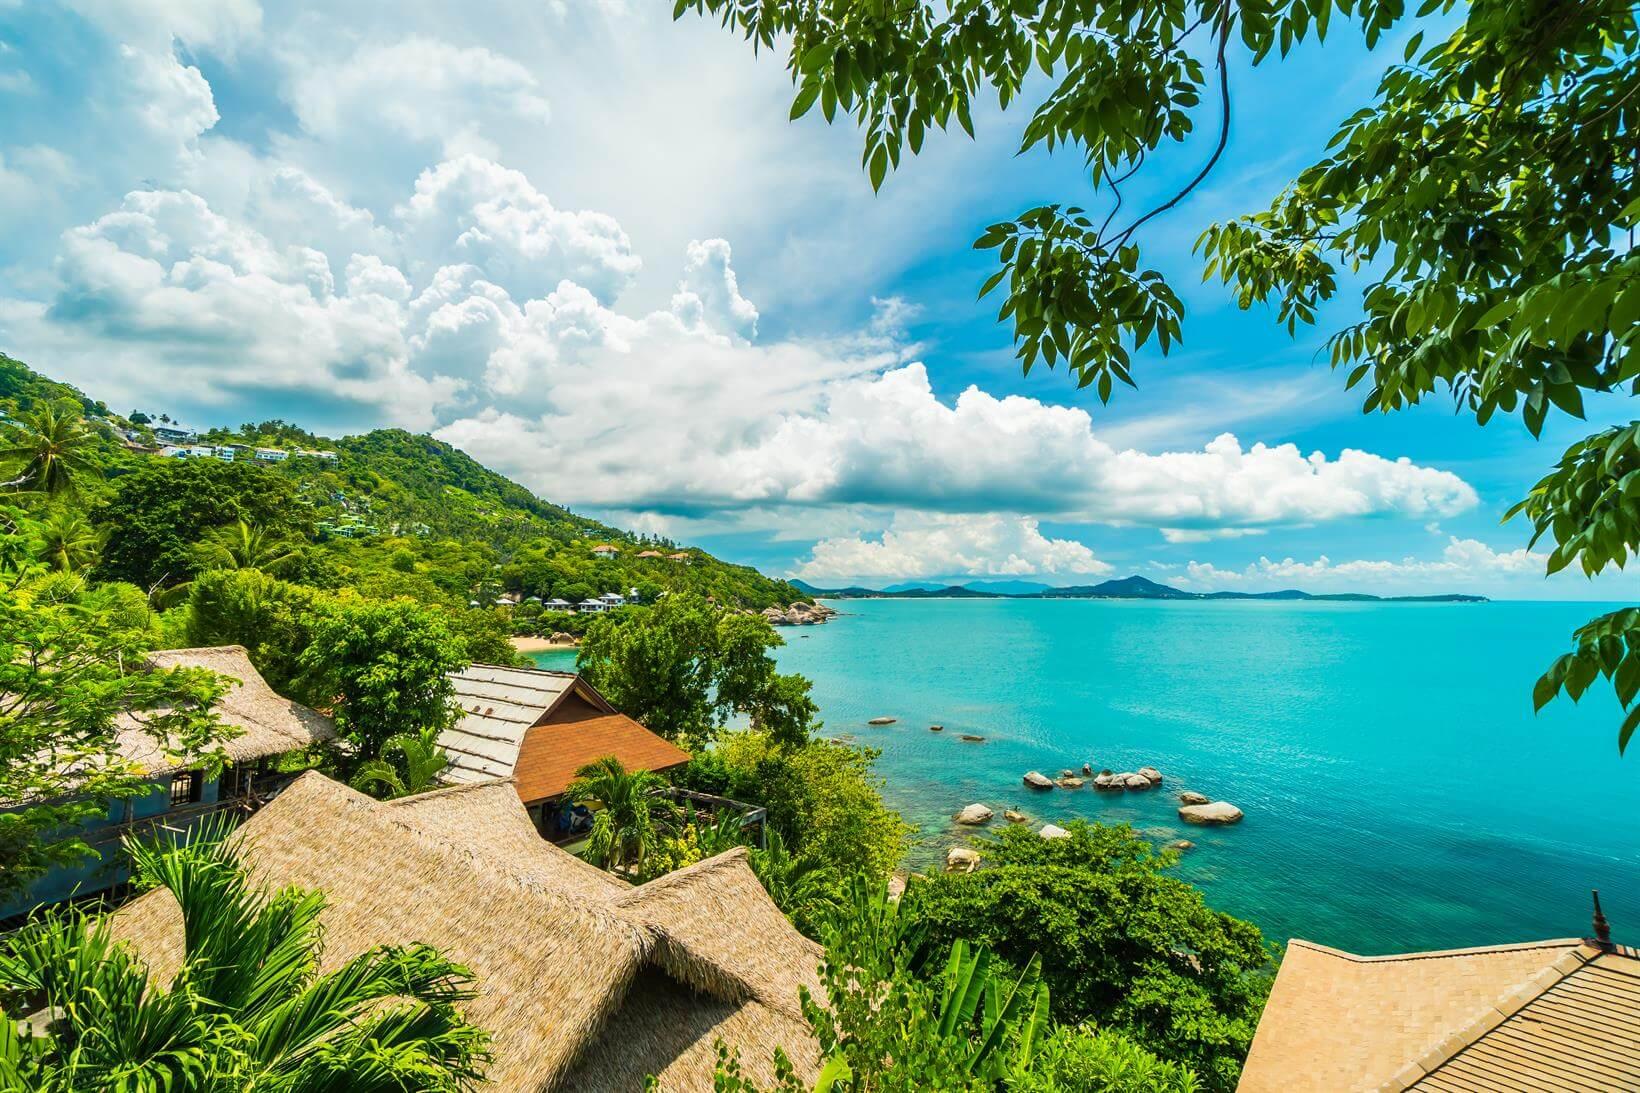 Melhores Ilhas e Praias da Tailândia: Koh Samui